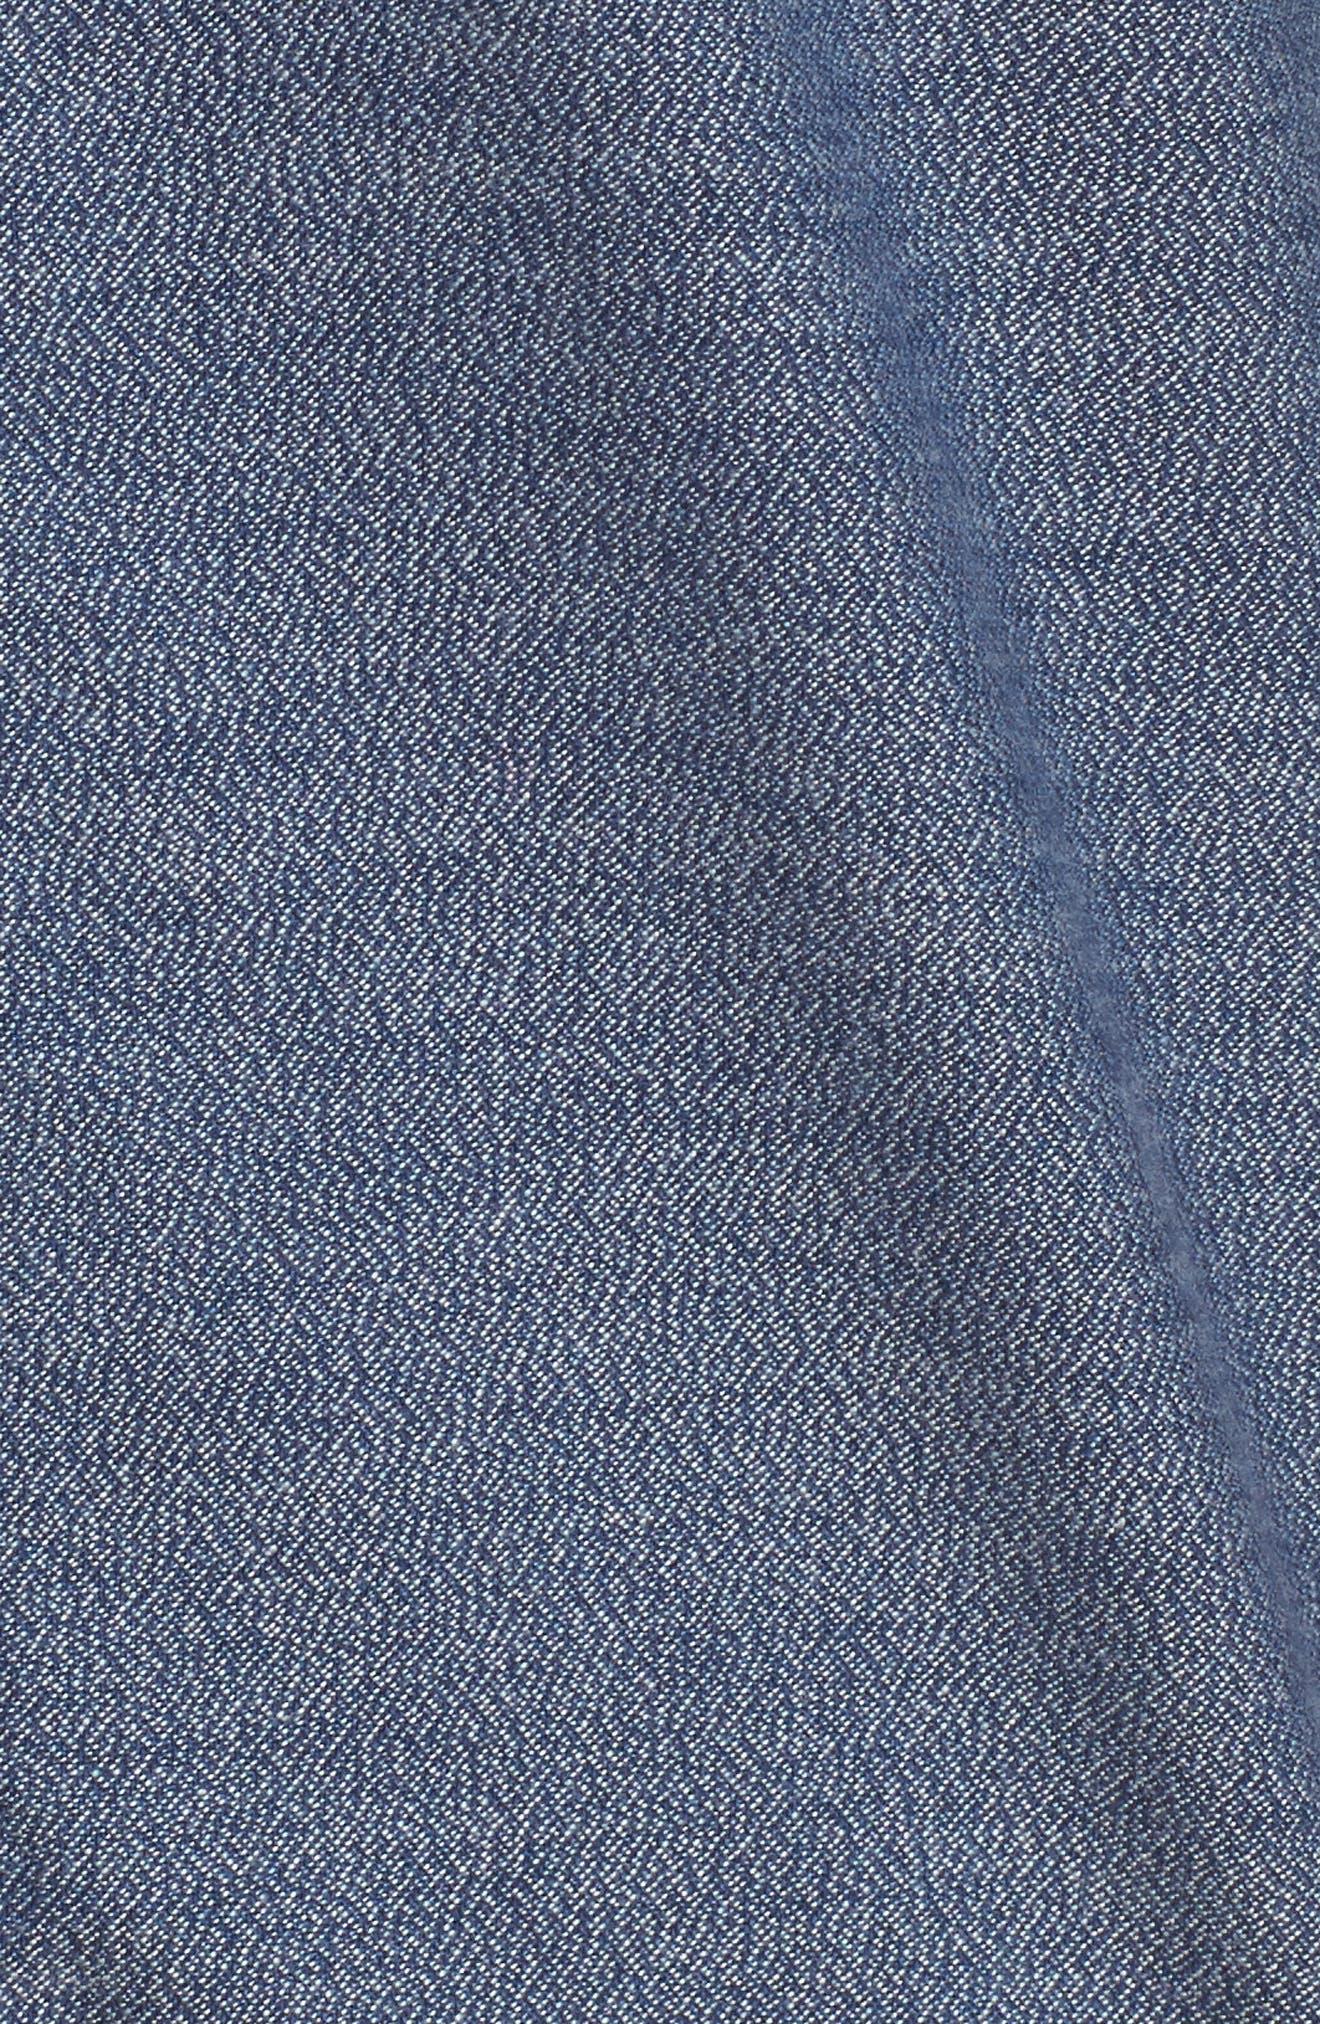 Alternate Image 5  - Nordstrom Men's Shop Slim Fit Jaspé Sport Shirt (Regular & Tall)